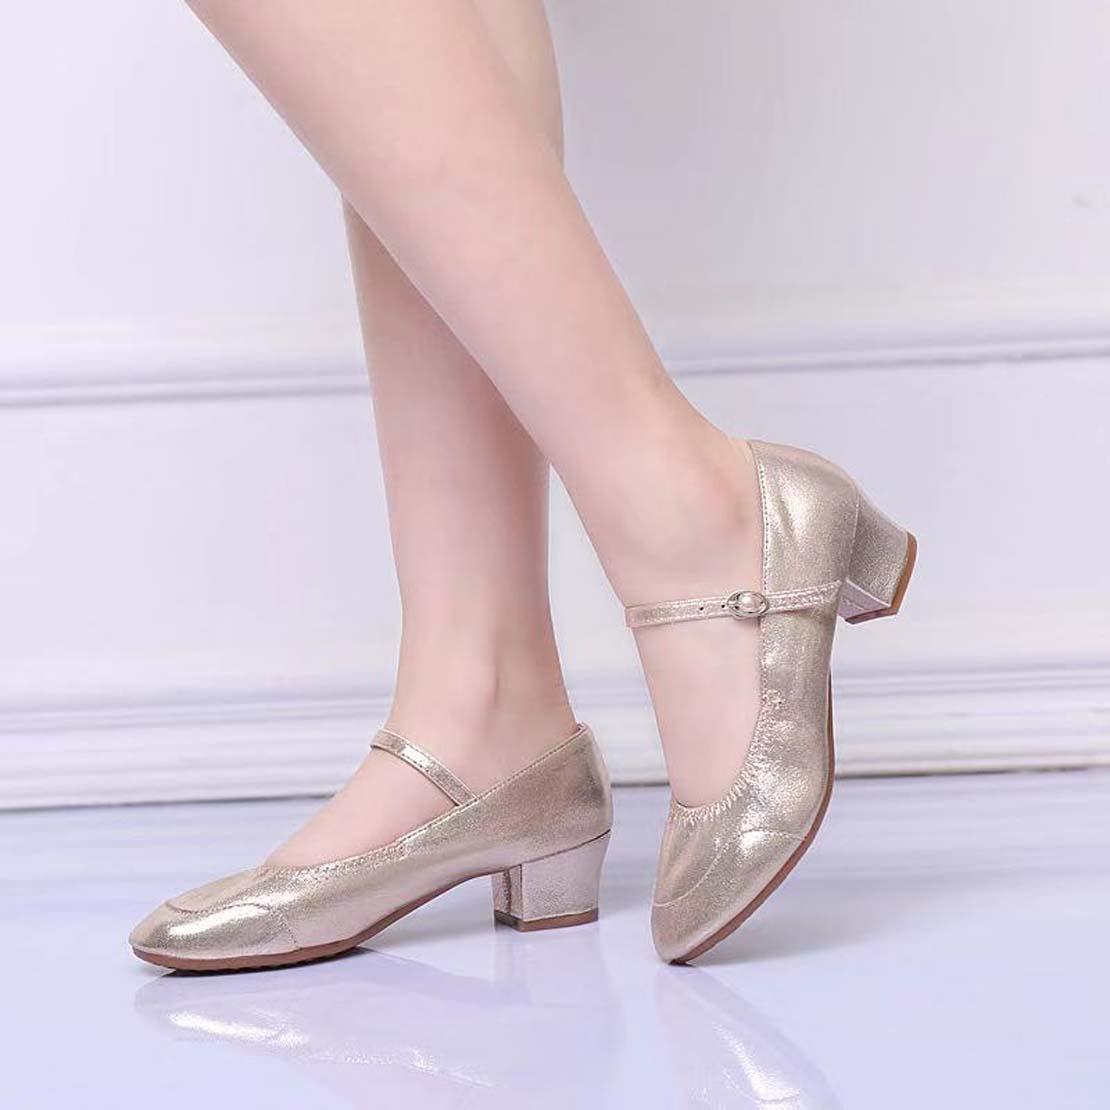 Com caixa de alta qualidade da sapatilha dos calçados casuais dos instrutores Chinelos de moda brilhante para Mulher P01231160